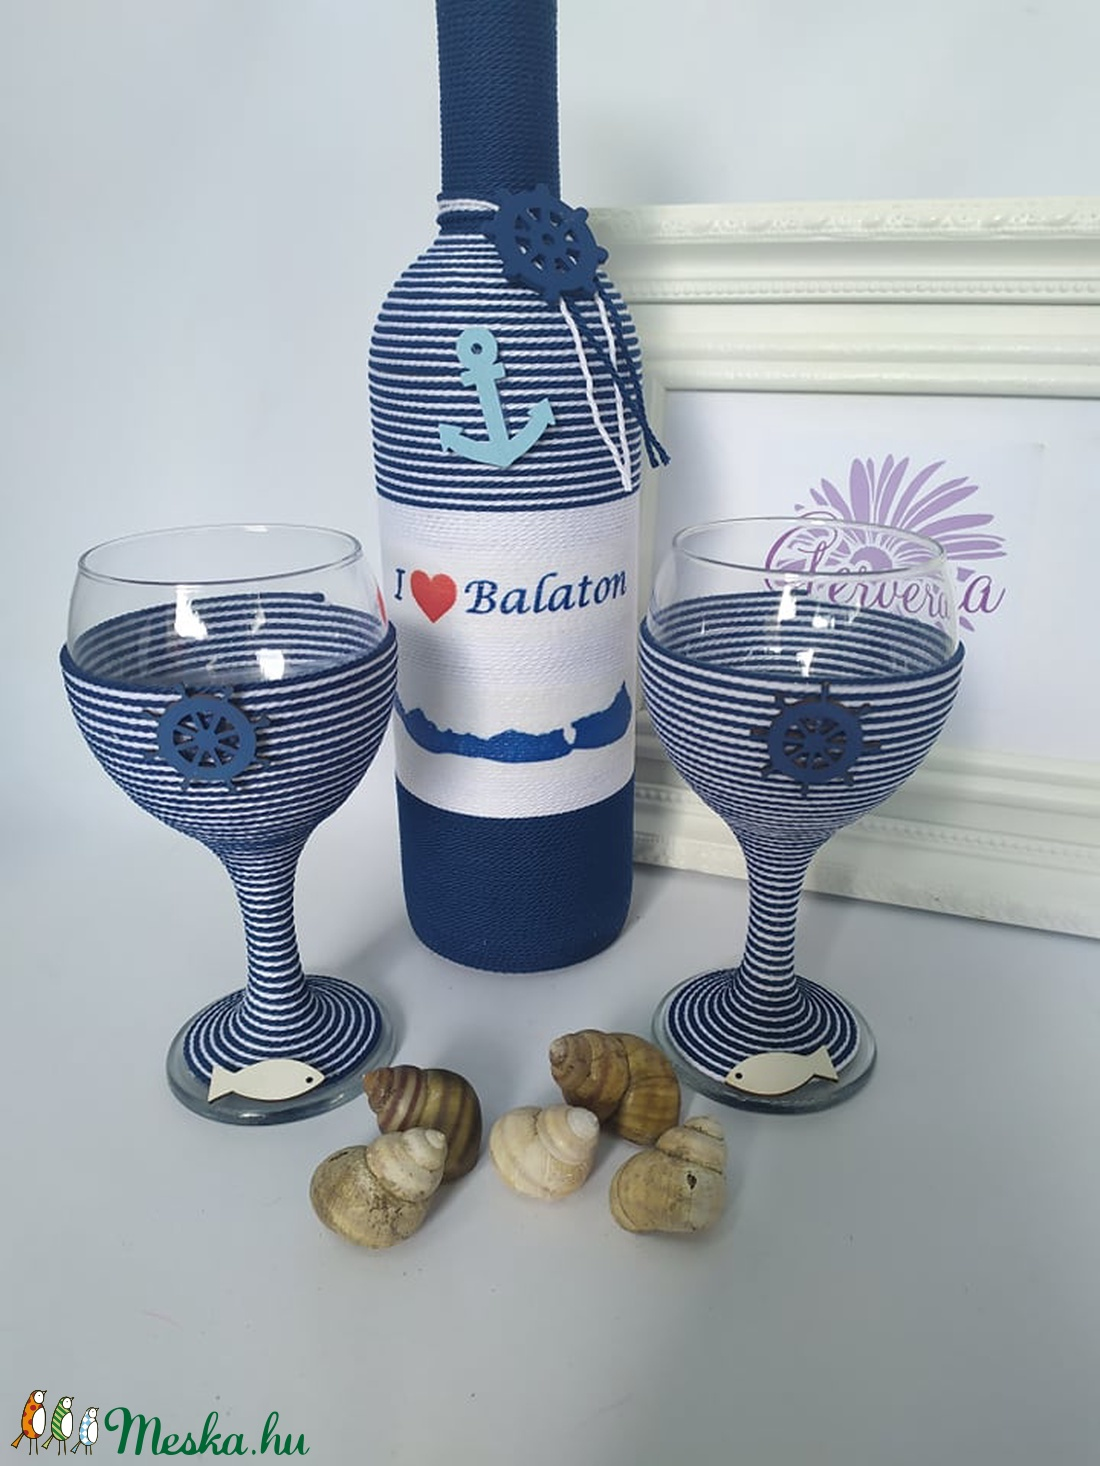 I love Balaton borosüveg+pohár (gervera) - Meska.hu